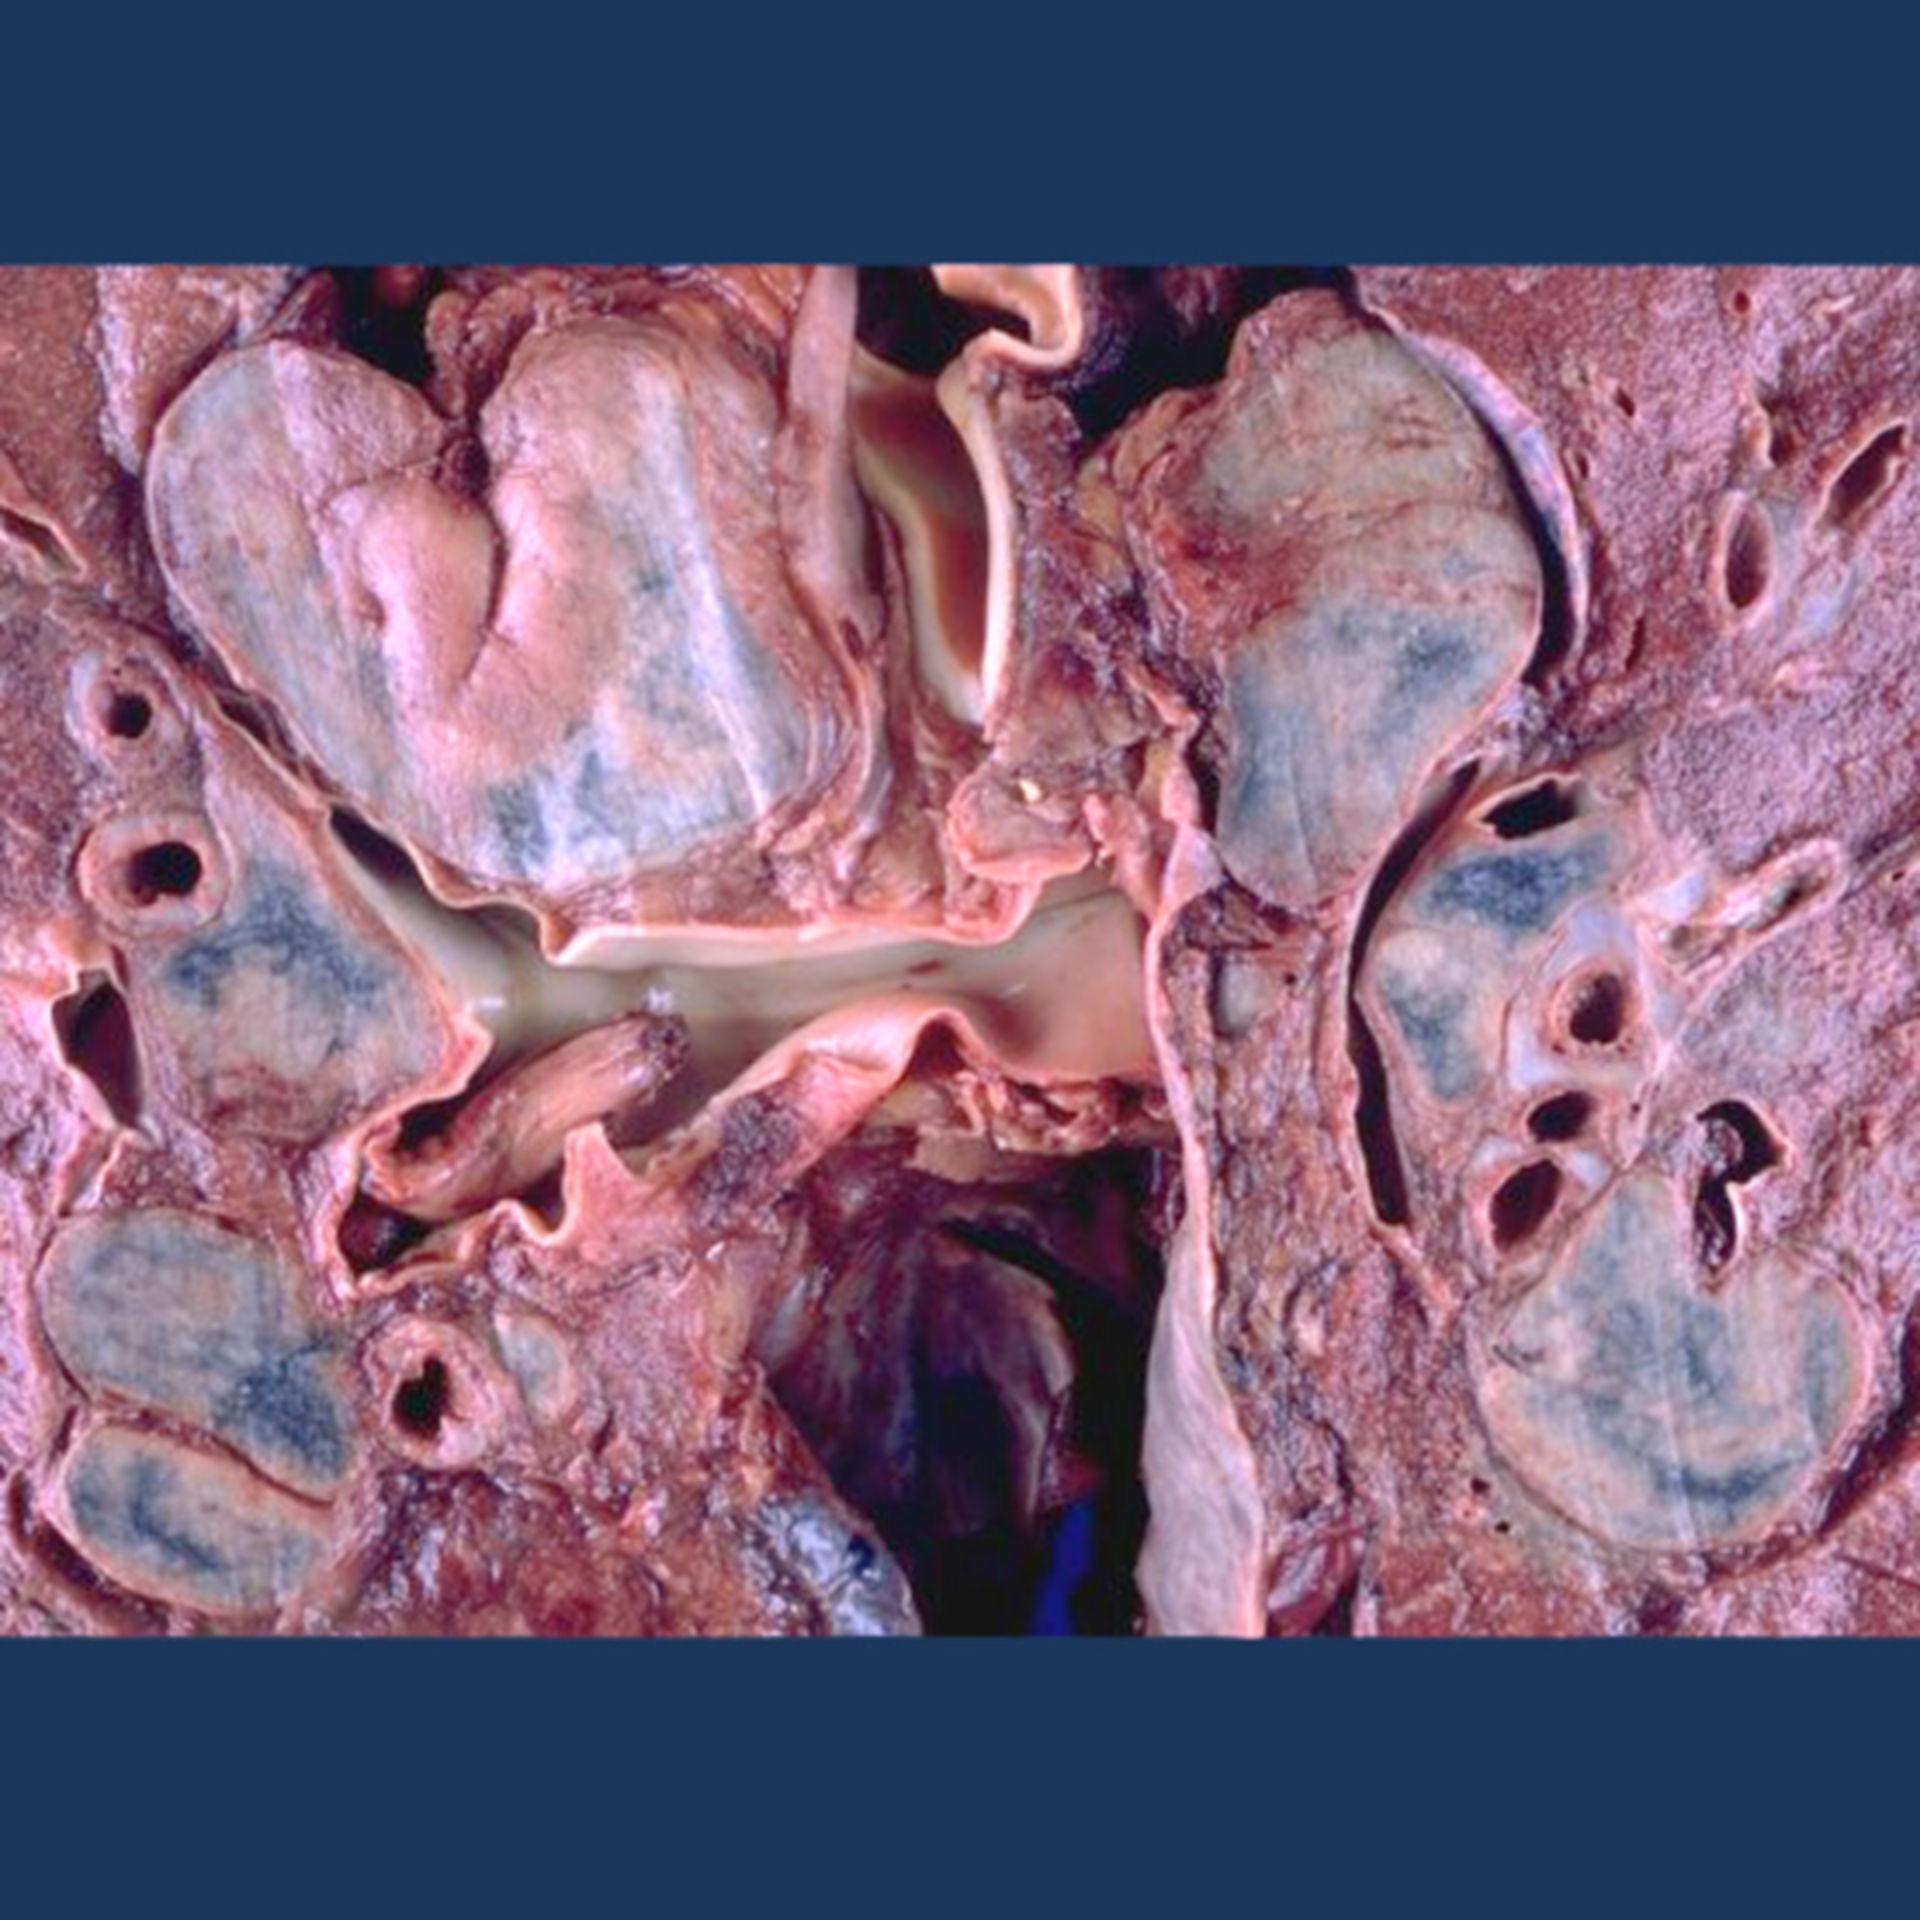 Sarcoidosis (muestra de pulmón, vista de primer plano, imagen 2)